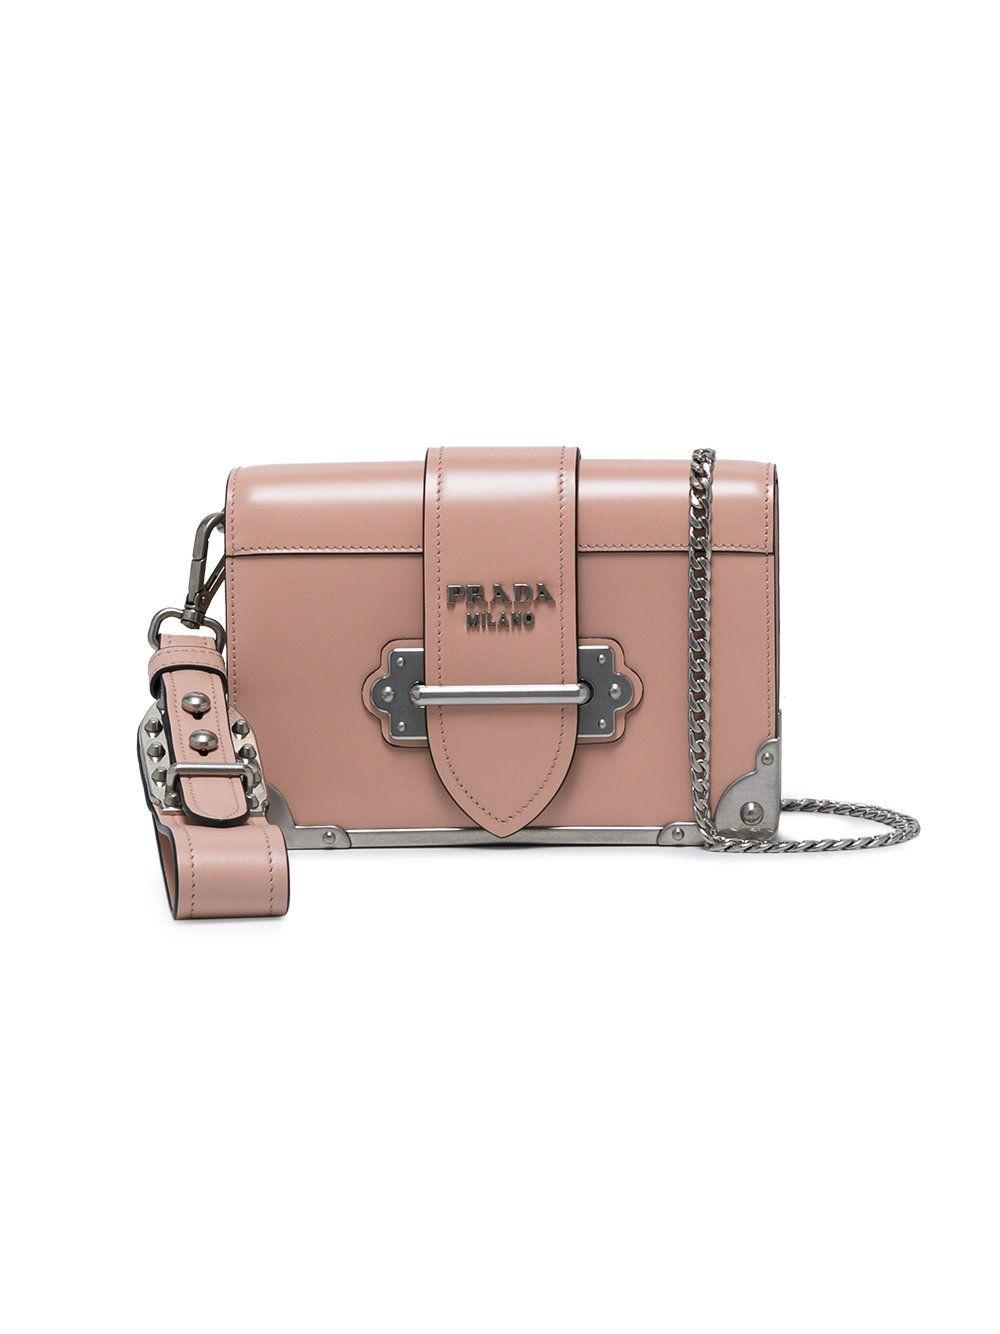 46bf9fed45 Prada Cahier Clutch Bag | Stephanie | Bags, Prada bag, Prada